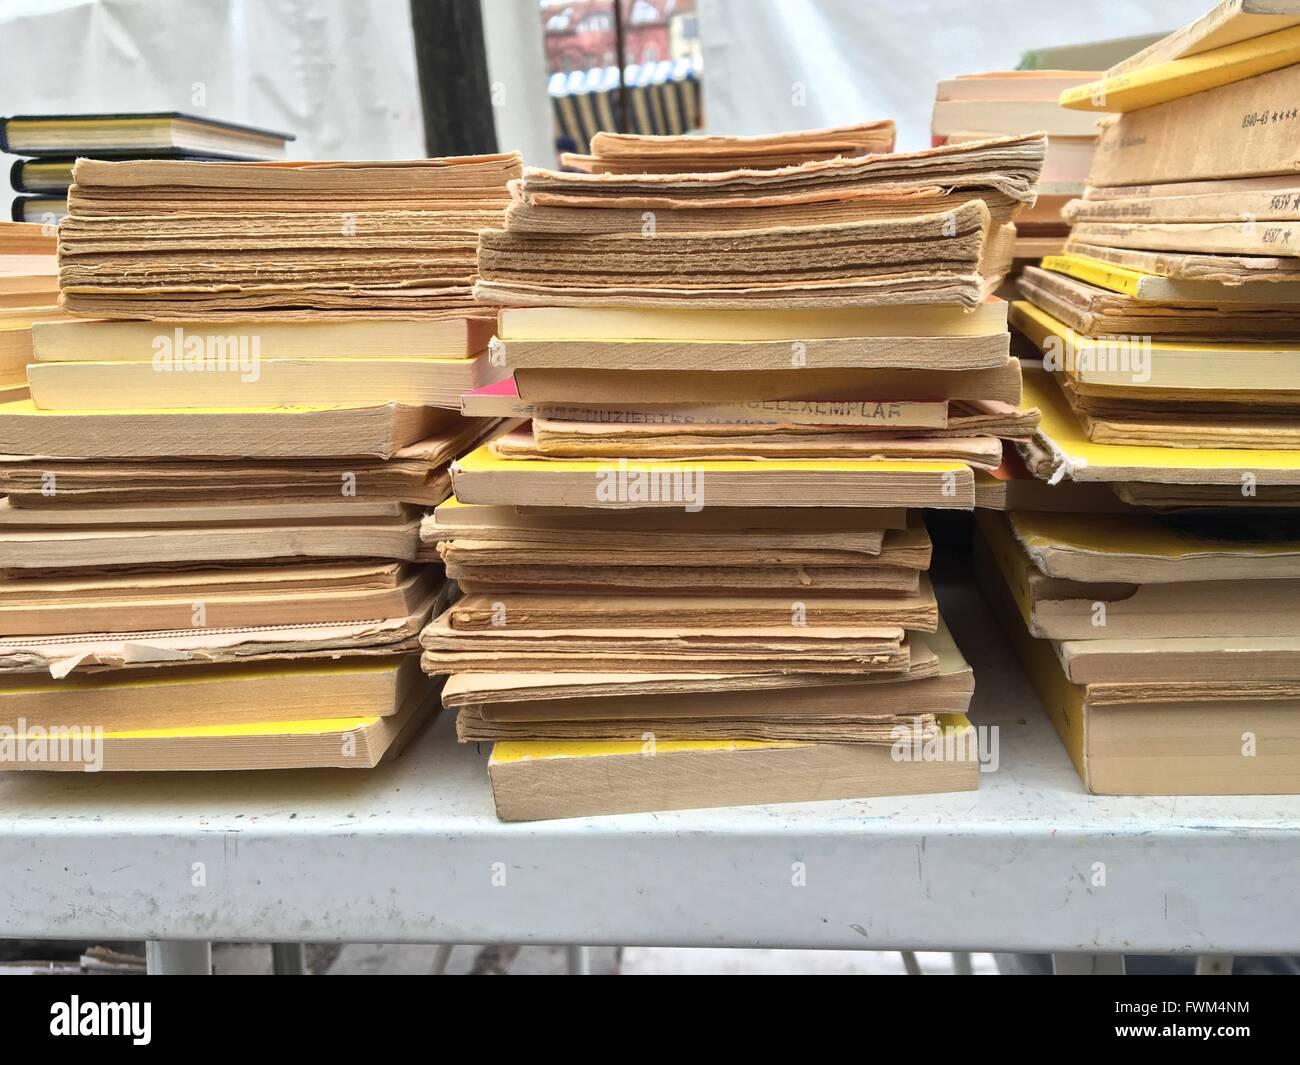 Pila de libros en la mesa Imagen De Stock